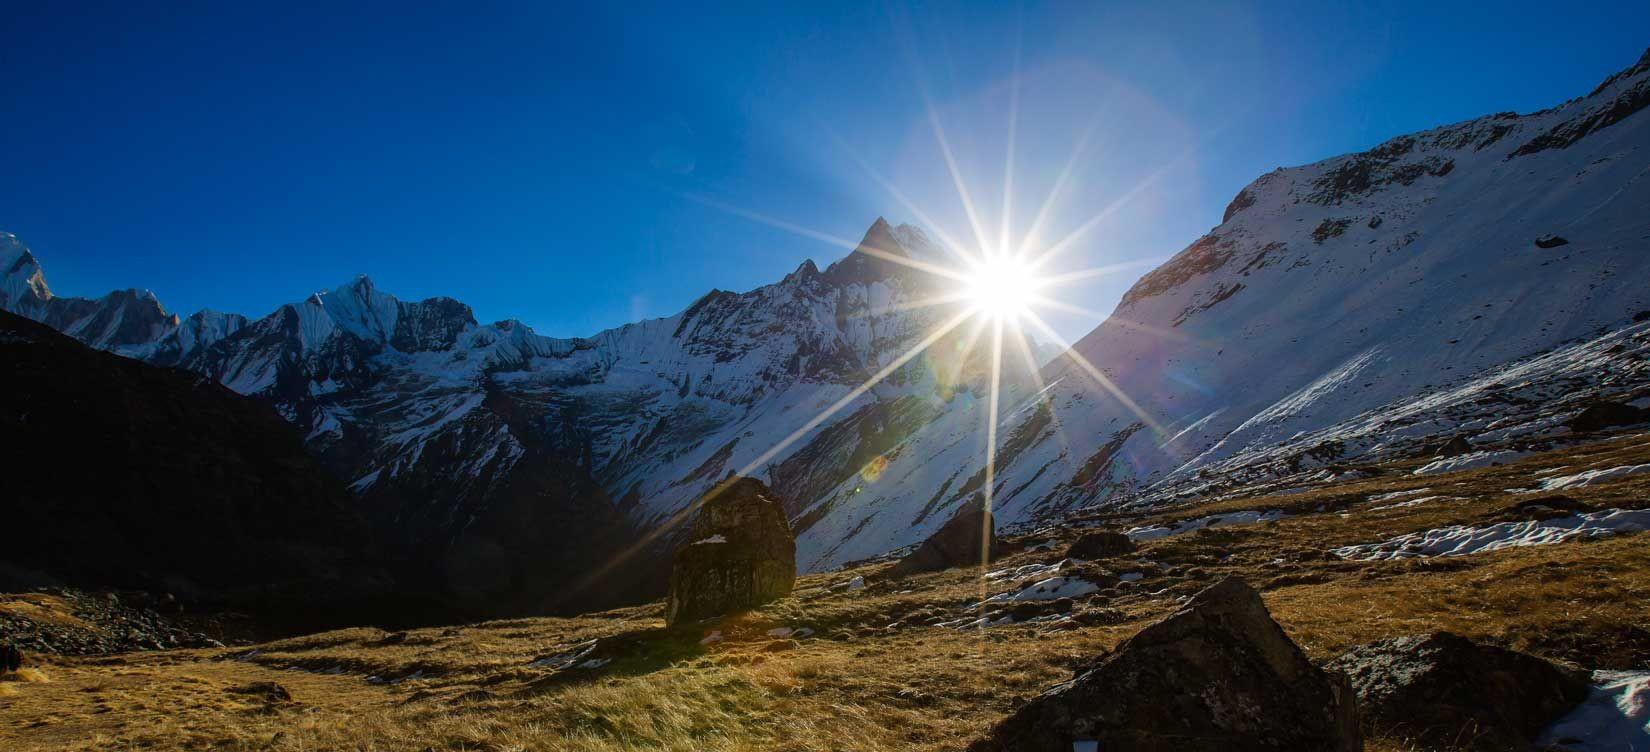 Himalayas Sunrise